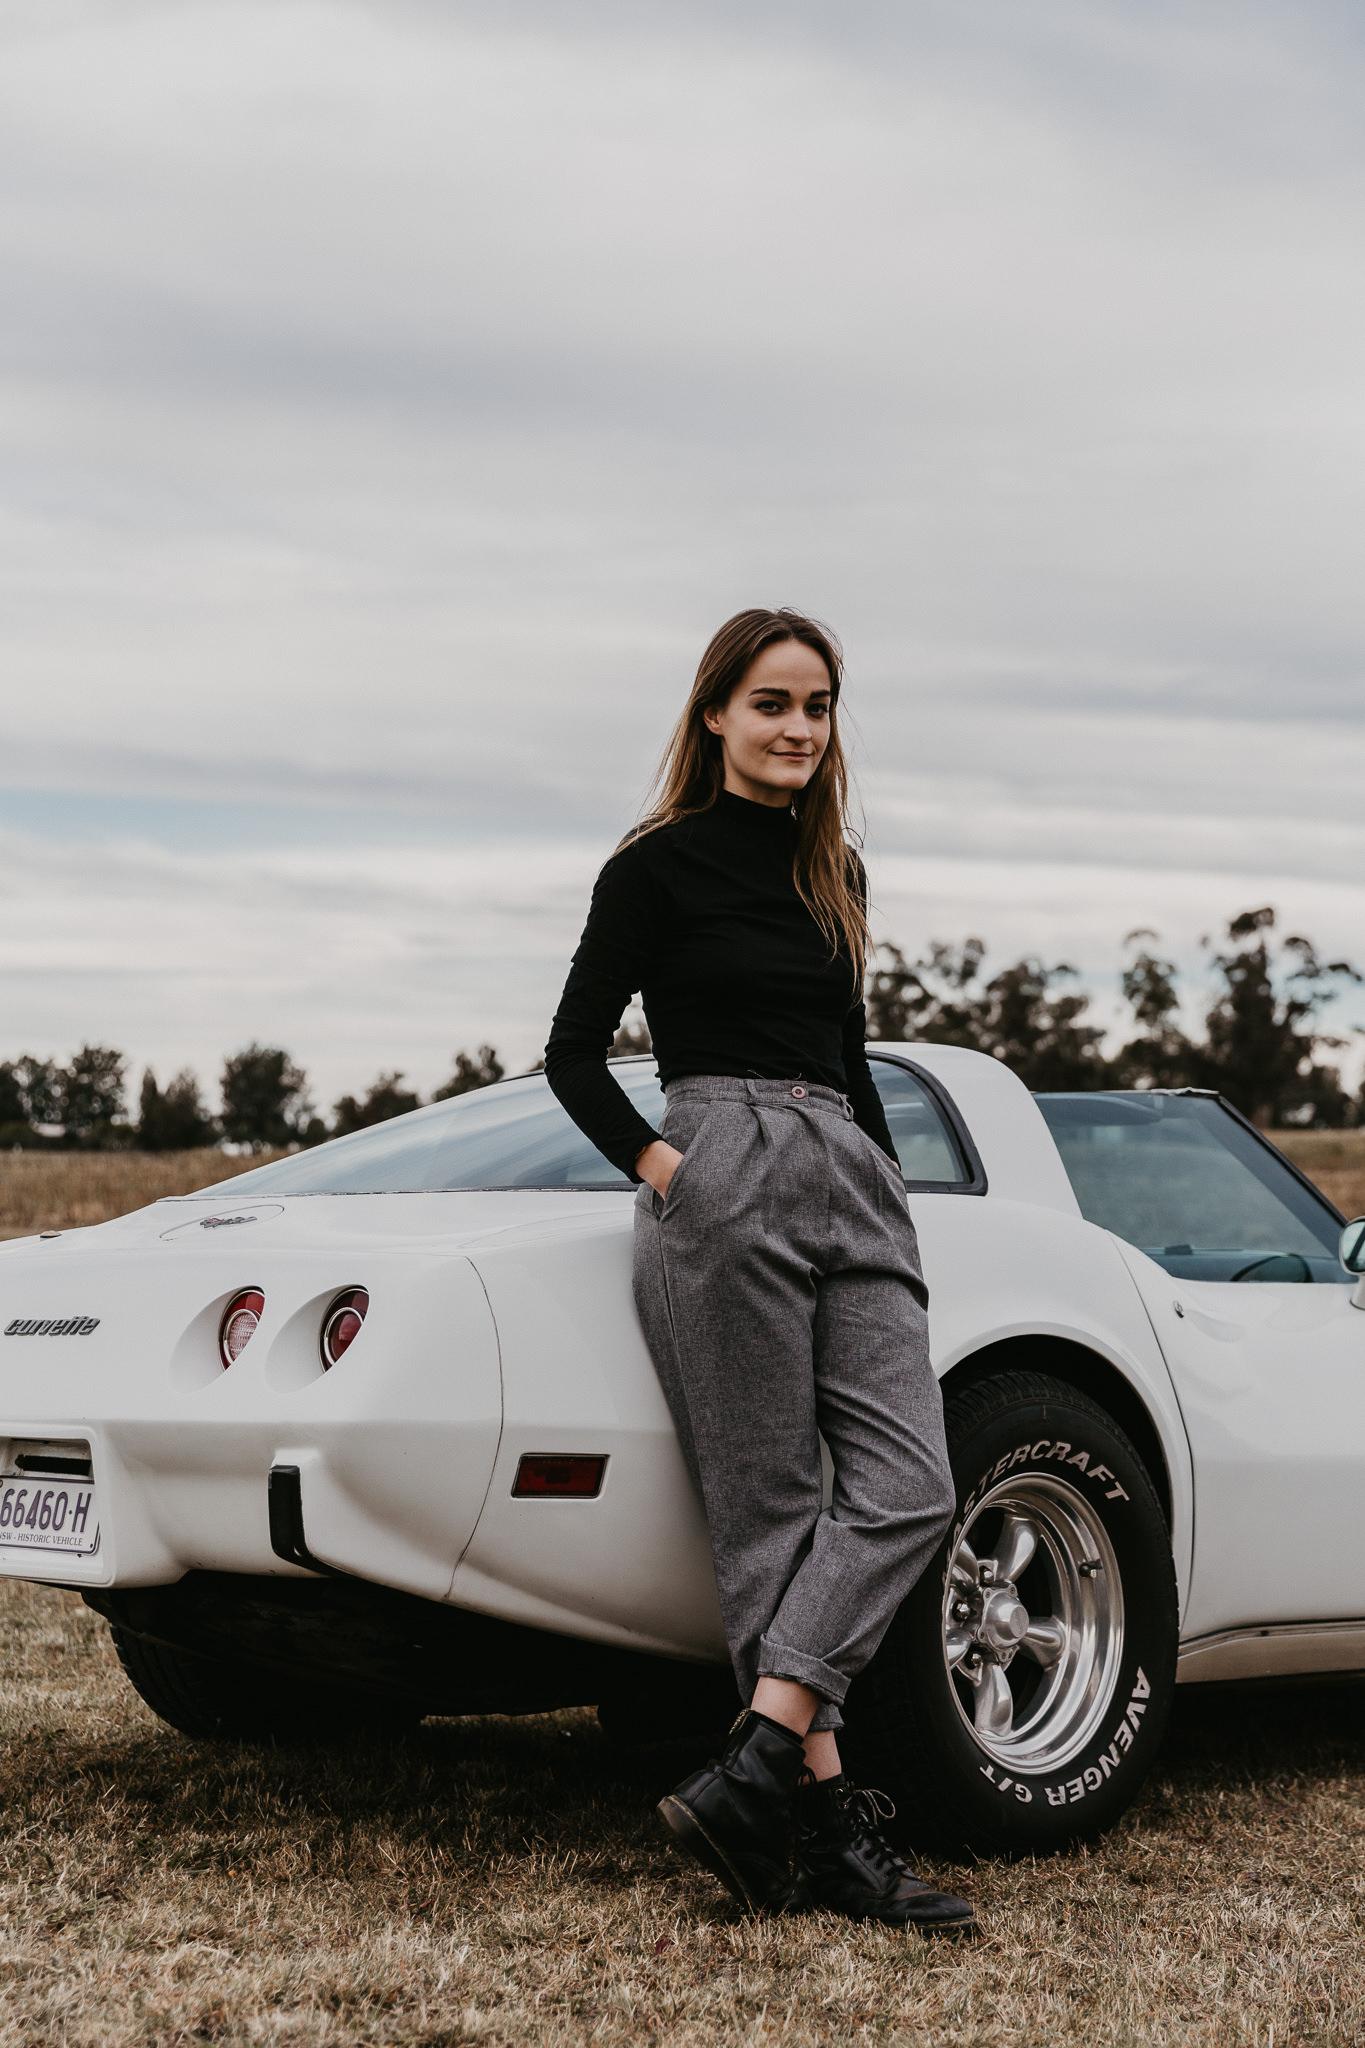 lucia_braham_lindsay_oconnell_corvette_c3_petrolette_1.jpeg